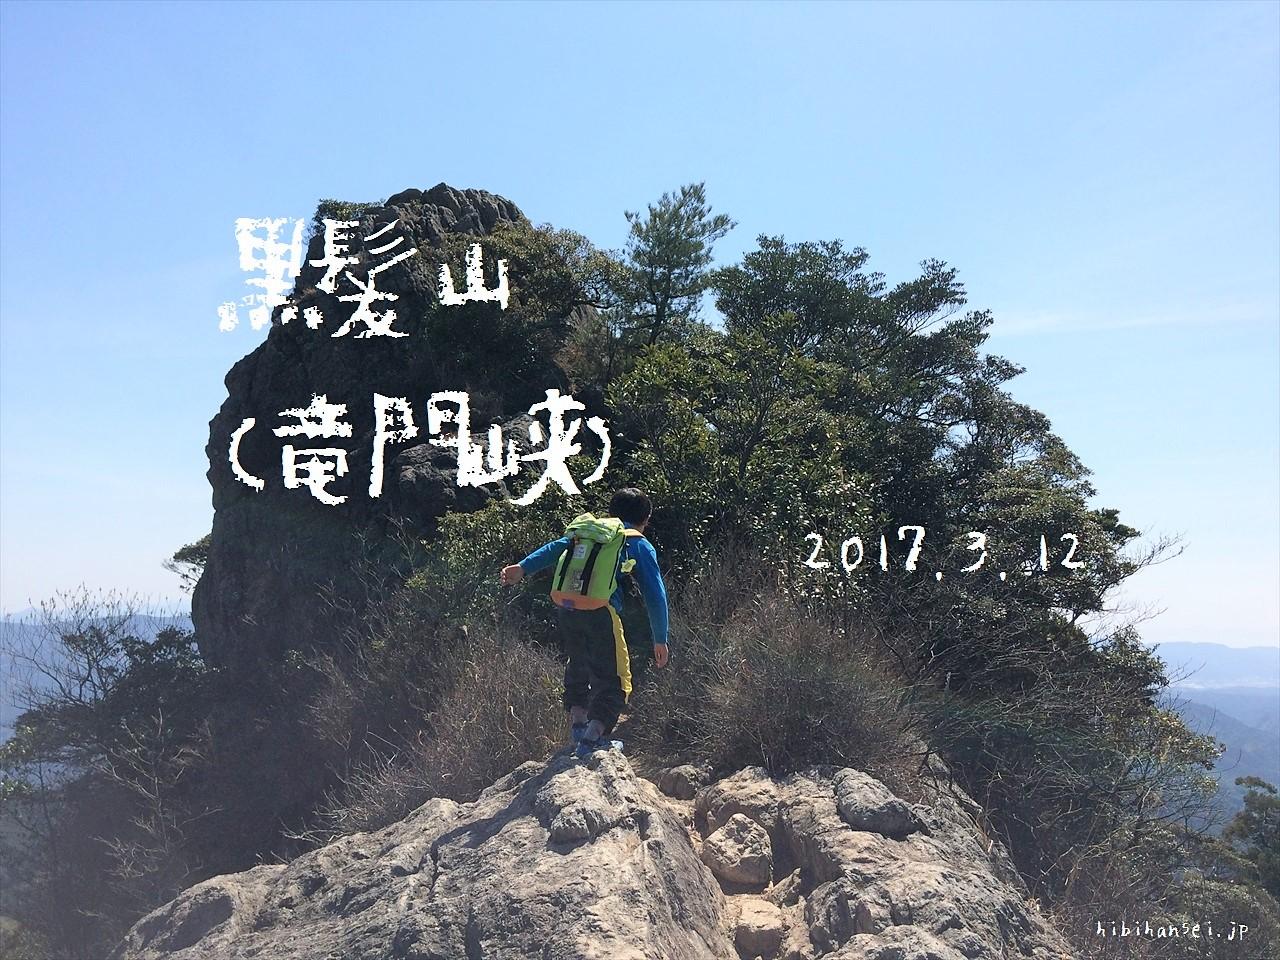 黒髪山 登山(竜門峡) 山頂に突き出す天童岩と陶器の峰(2017.3.12)